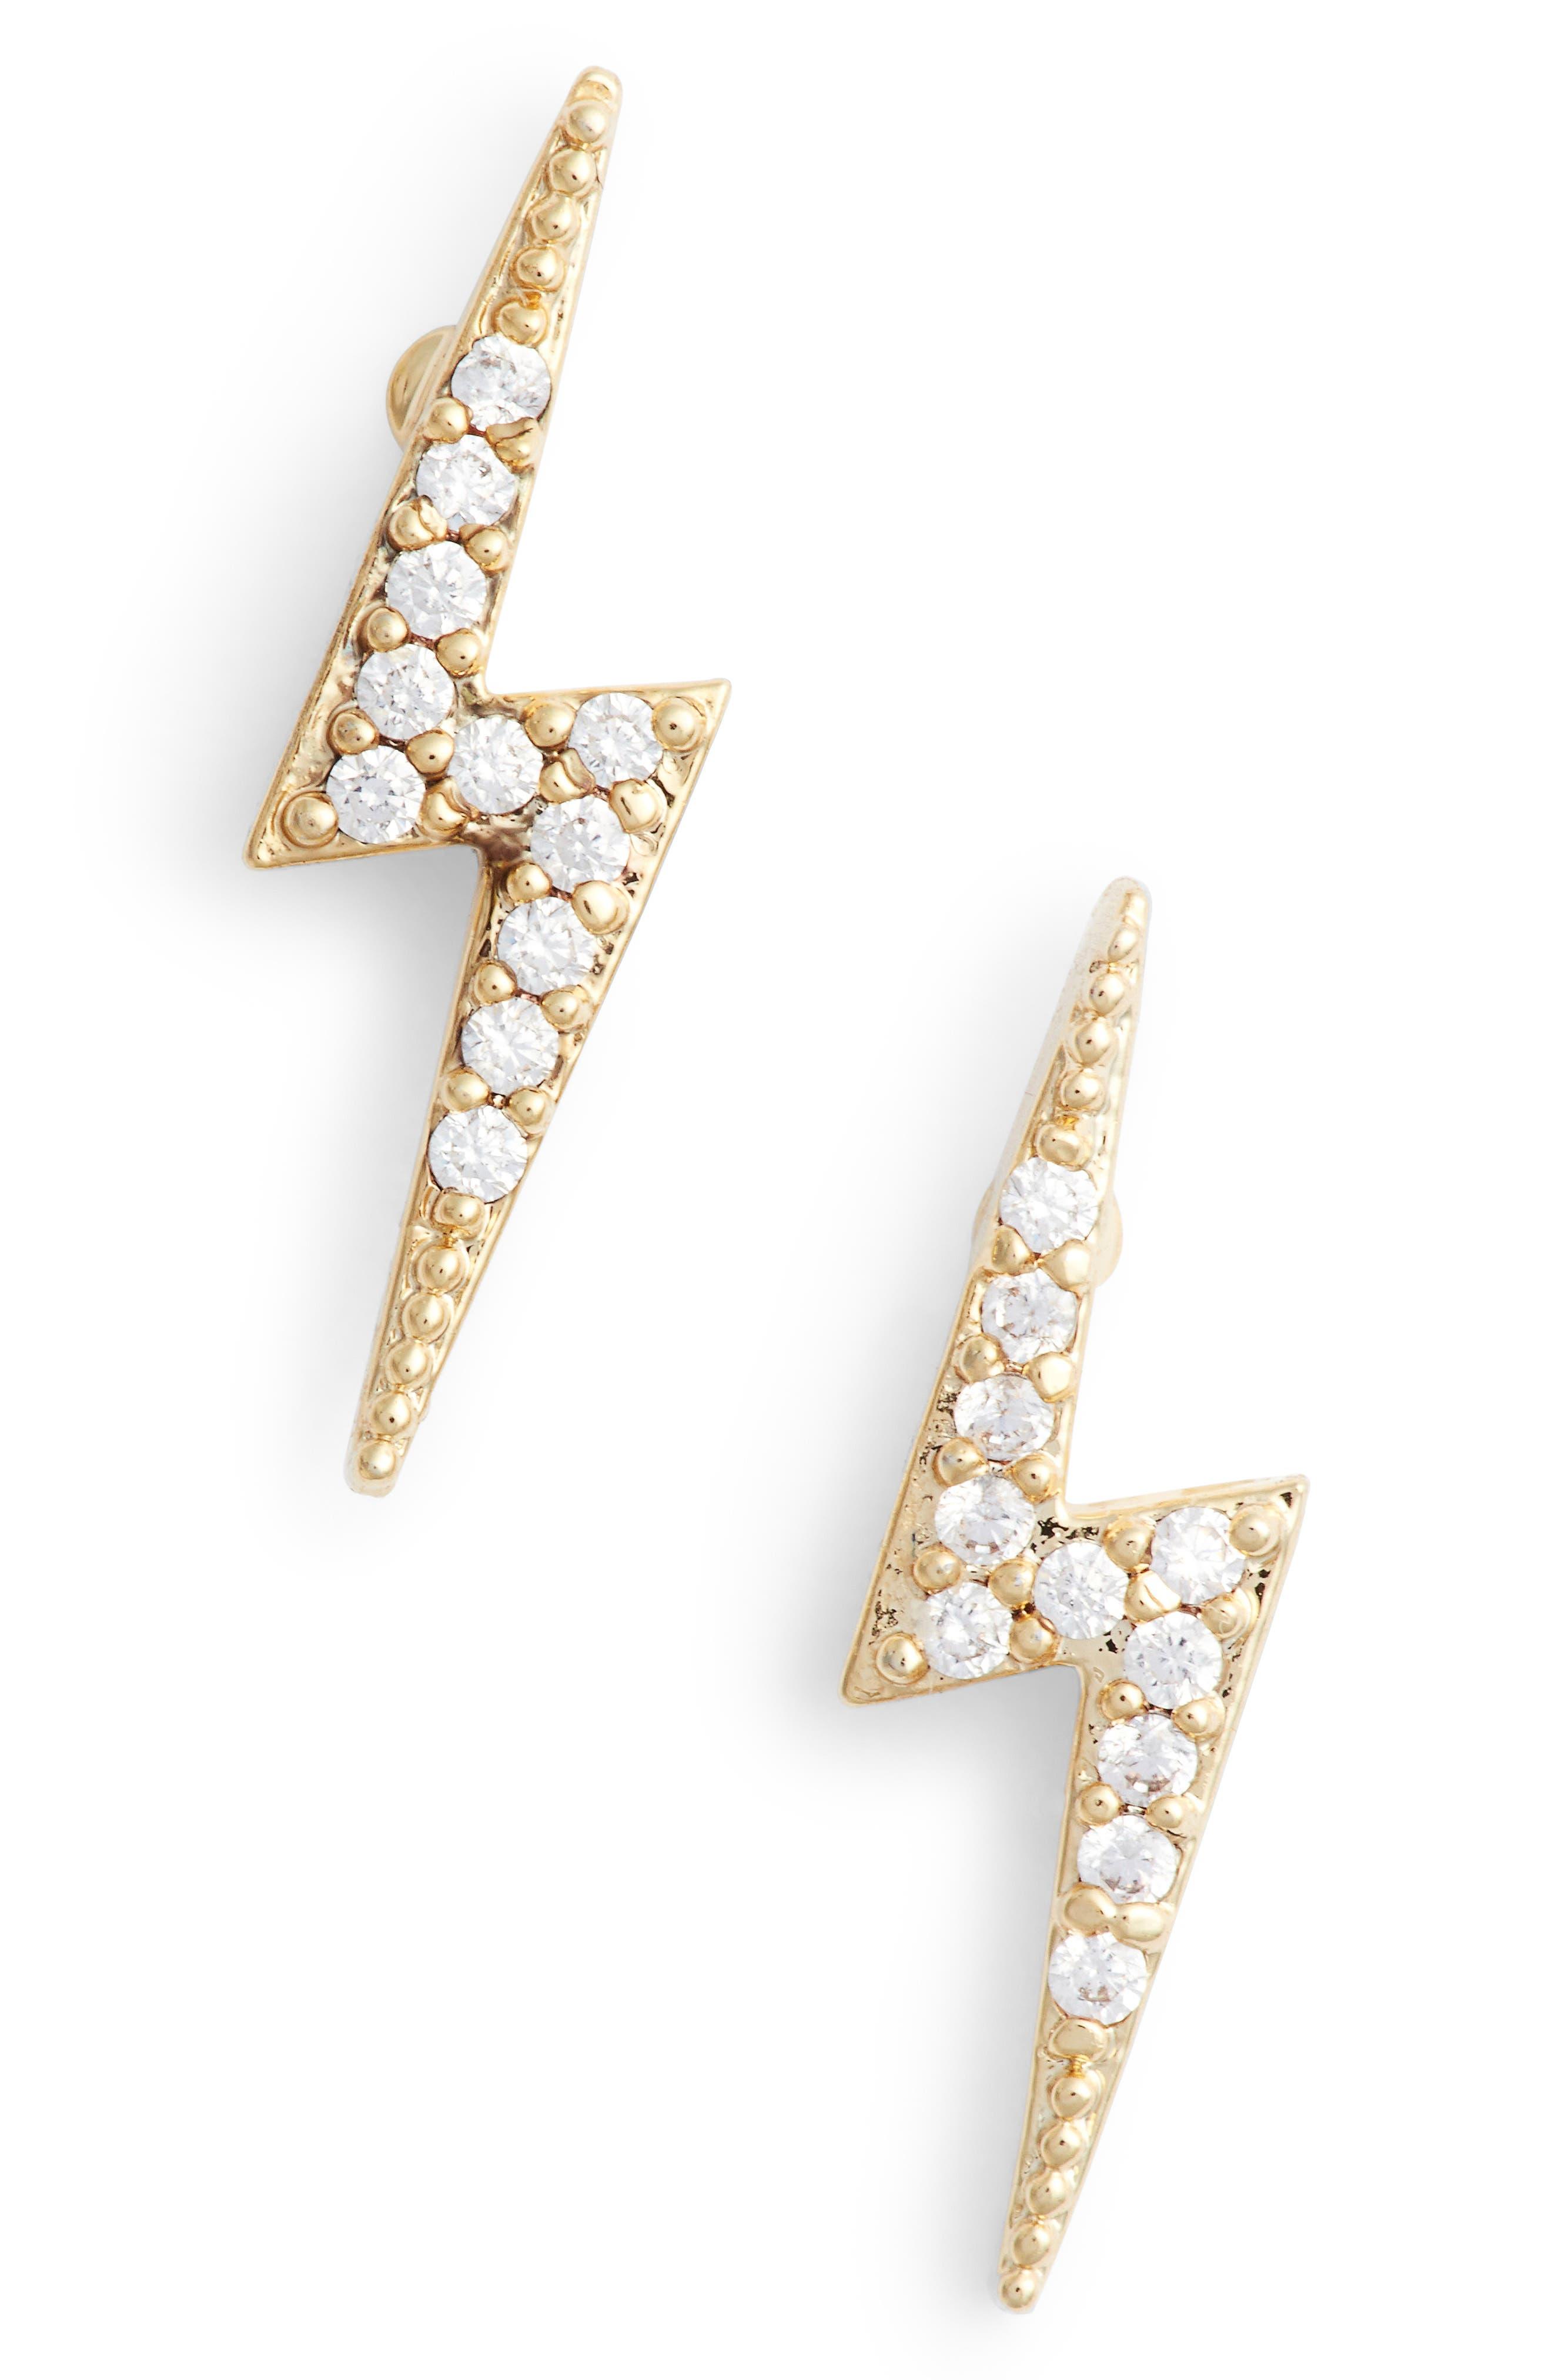 Crystal Lightning Bolt Stud Earrings,                             Alternate thumbnail 4, color,                             Gold